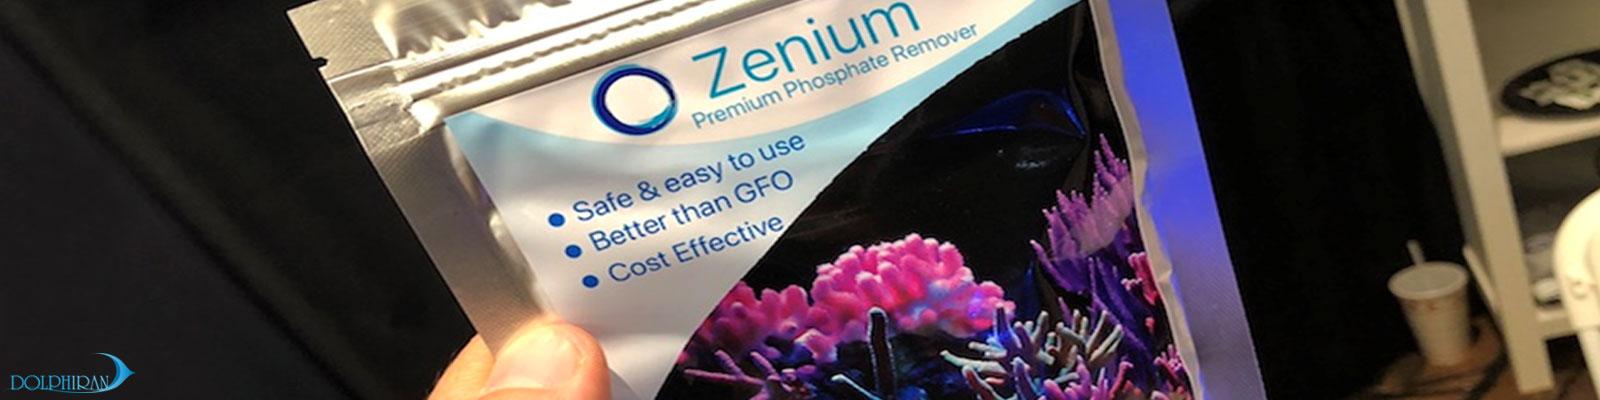 ارائه مدیای فسفات گیر جدید از شرکت زنیوم